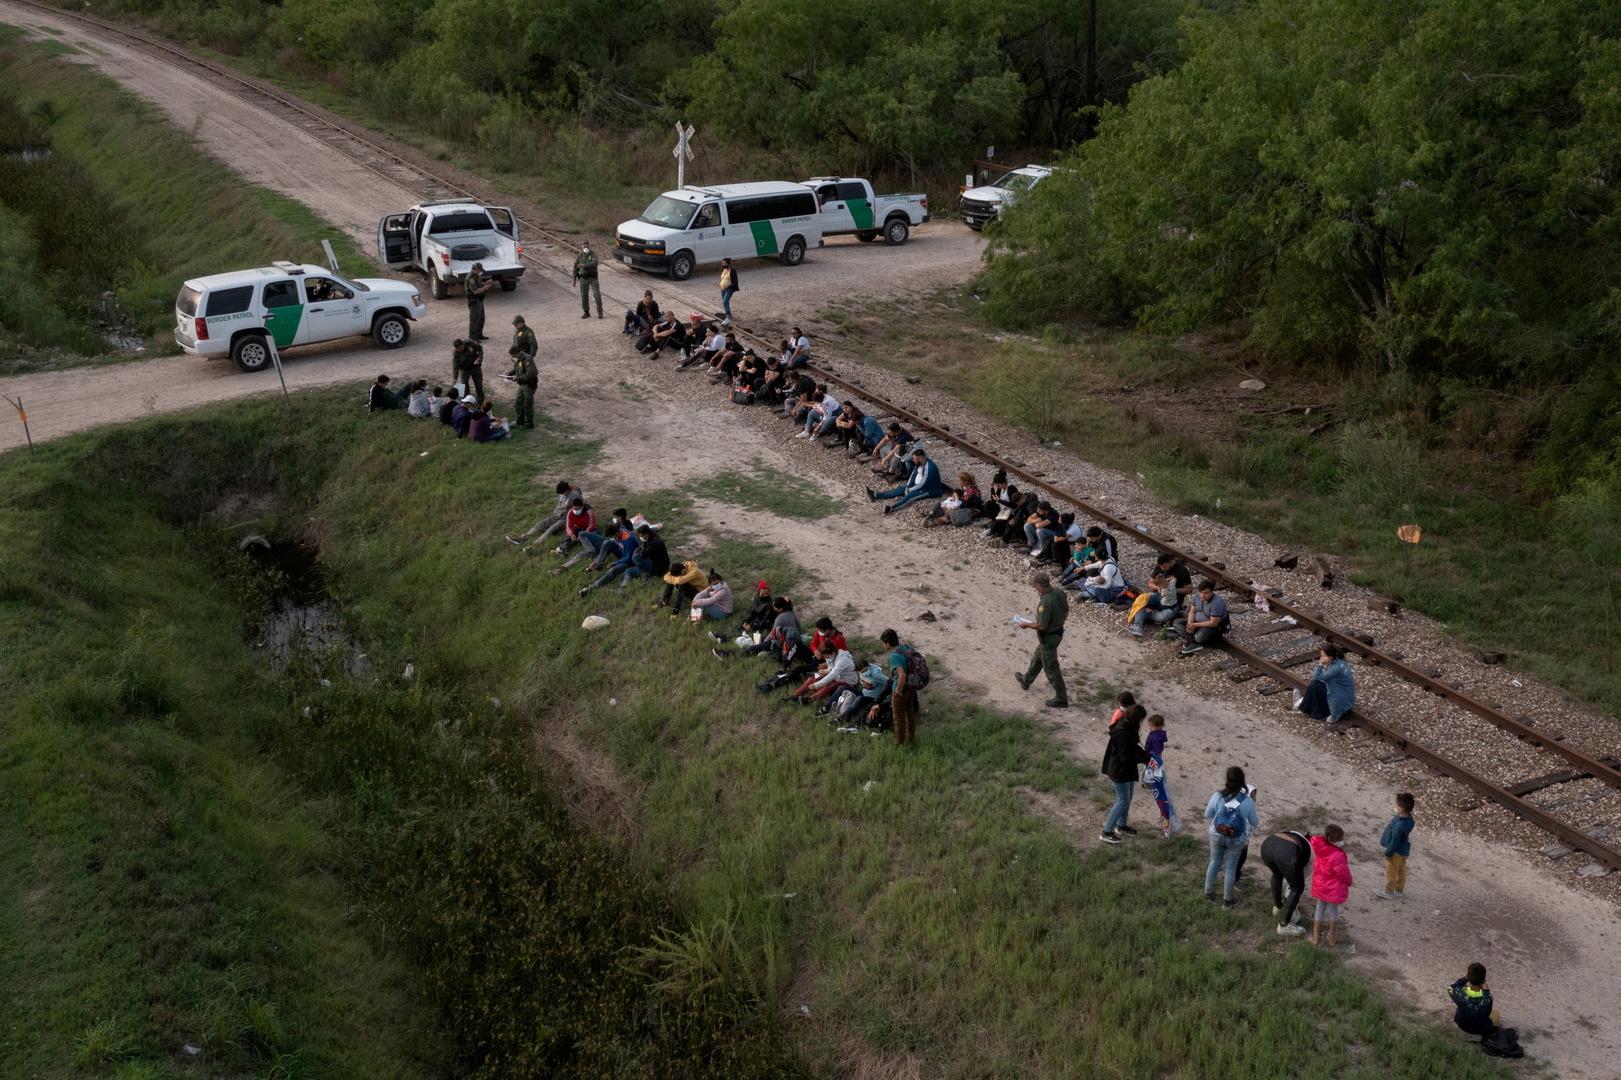 المهاجرون طالبو اللجوء في لا جويا ، تكساس